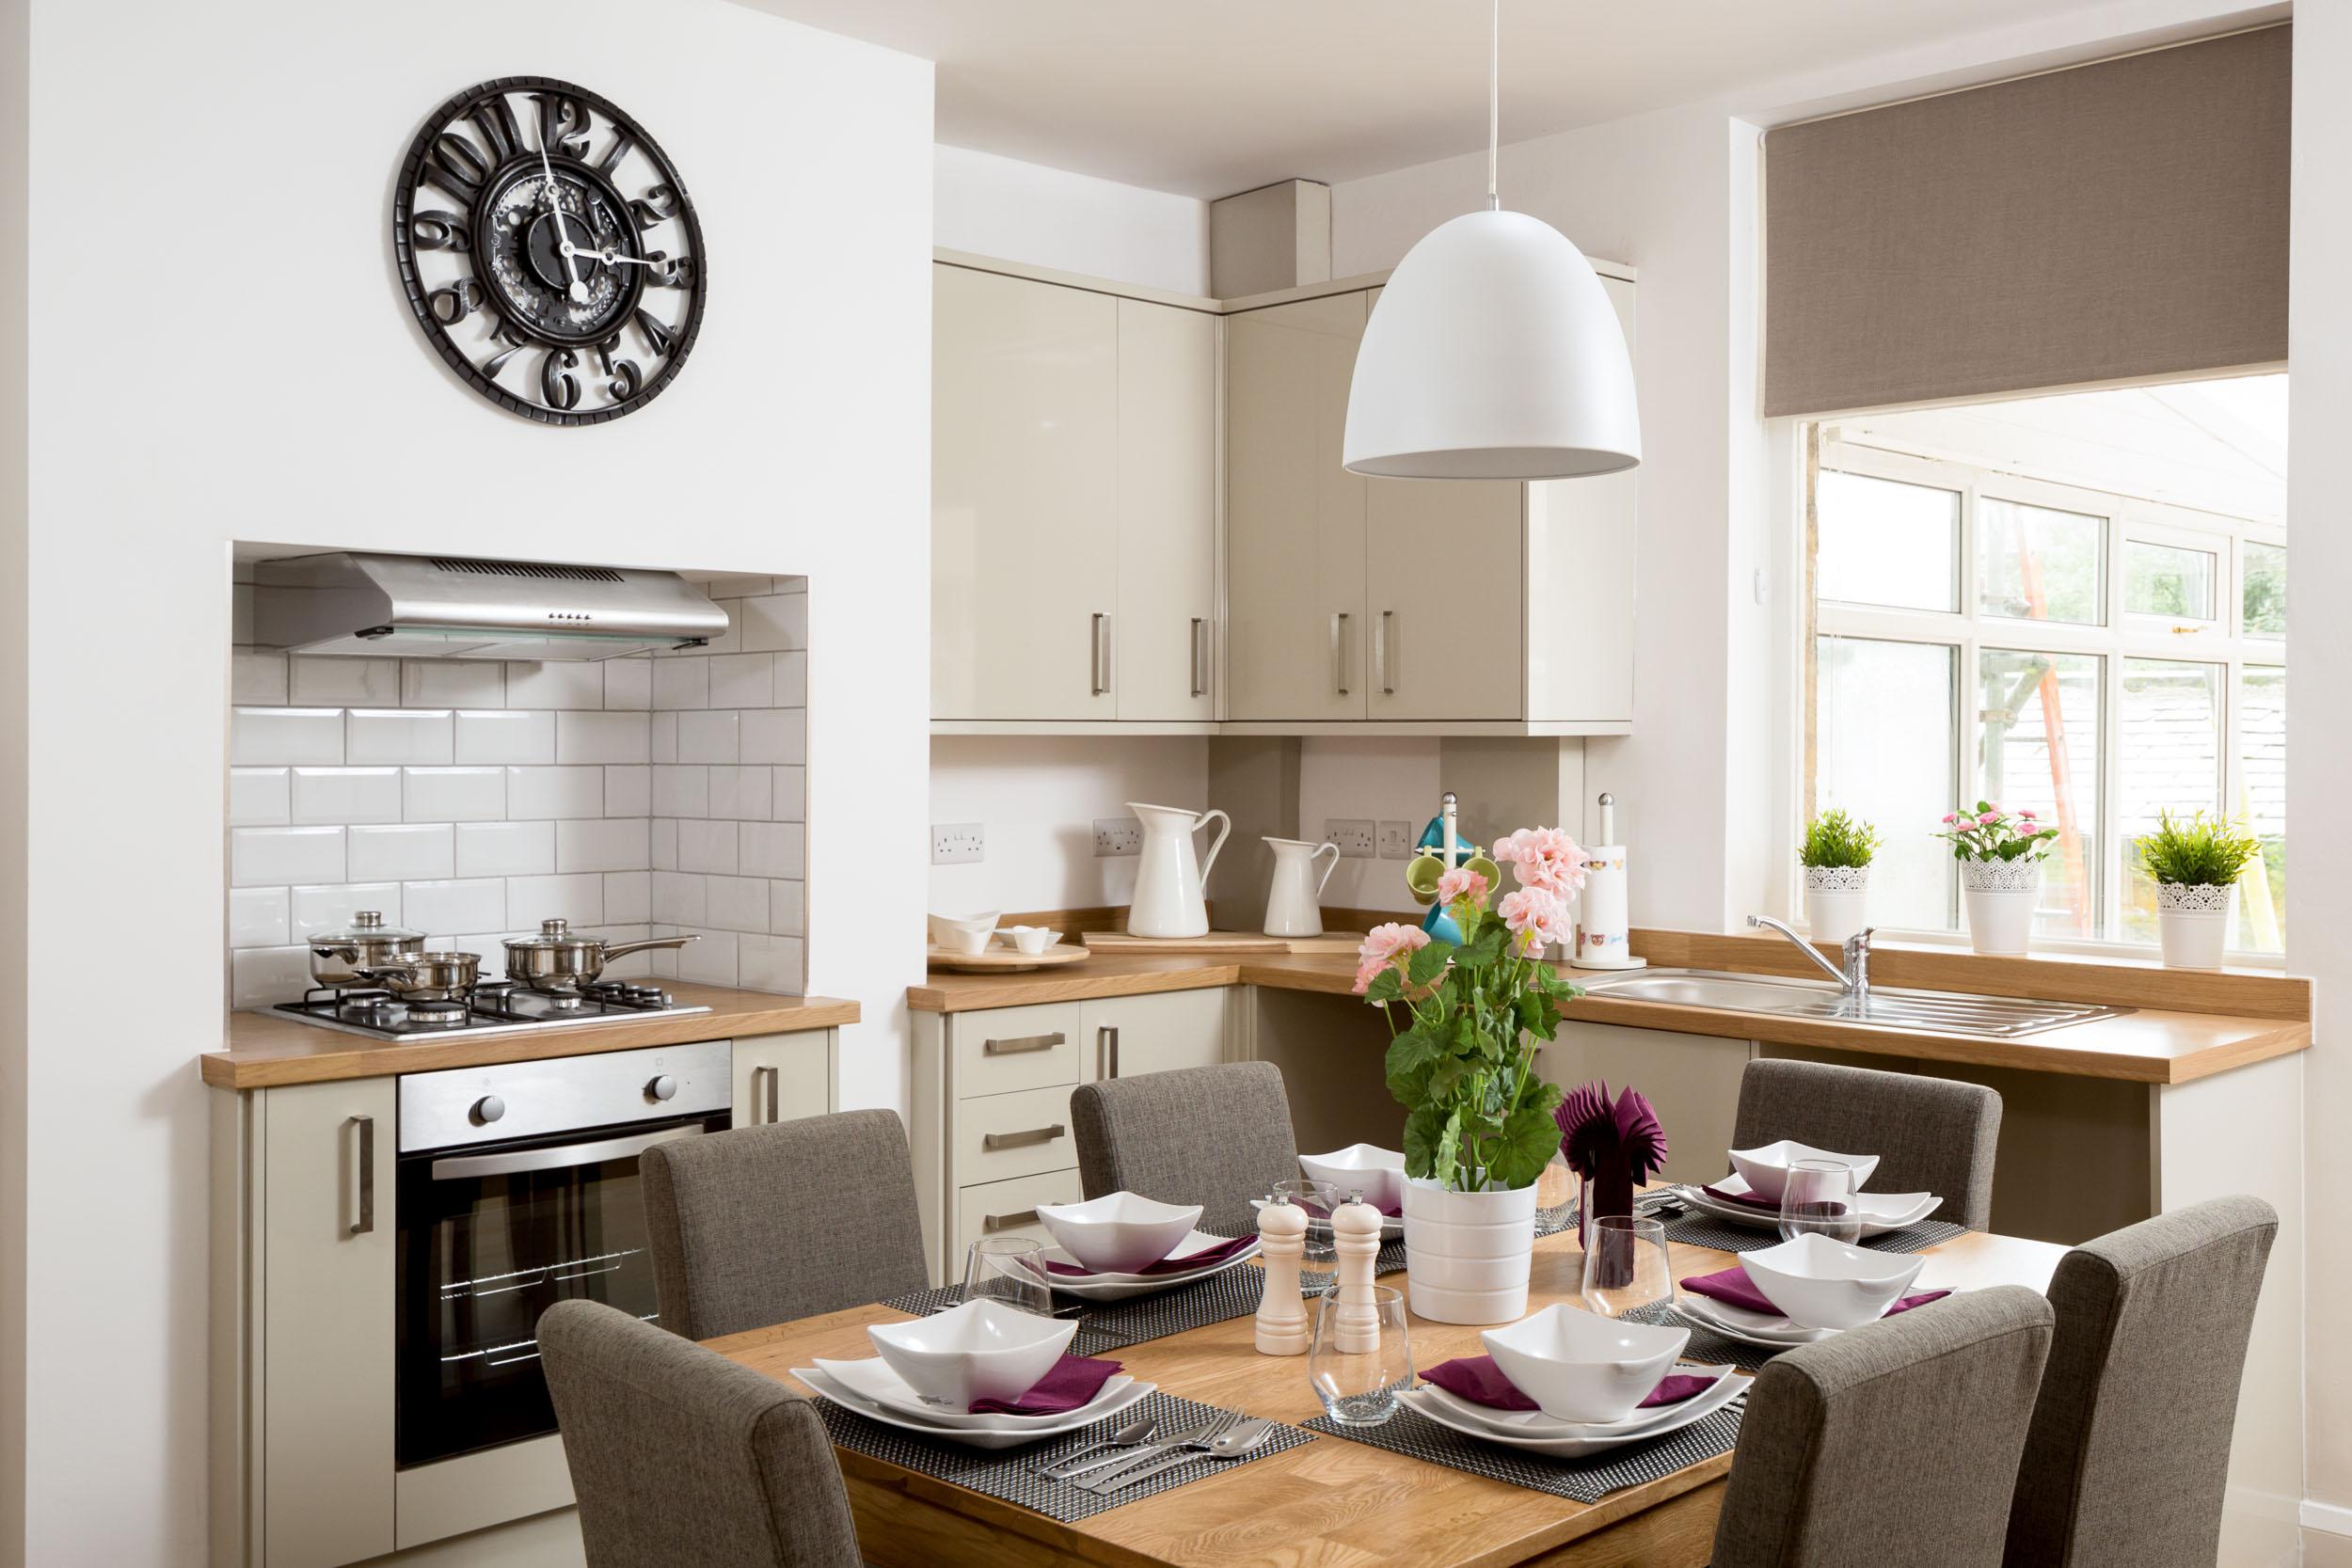 leeds residential kitchen interior.jpg